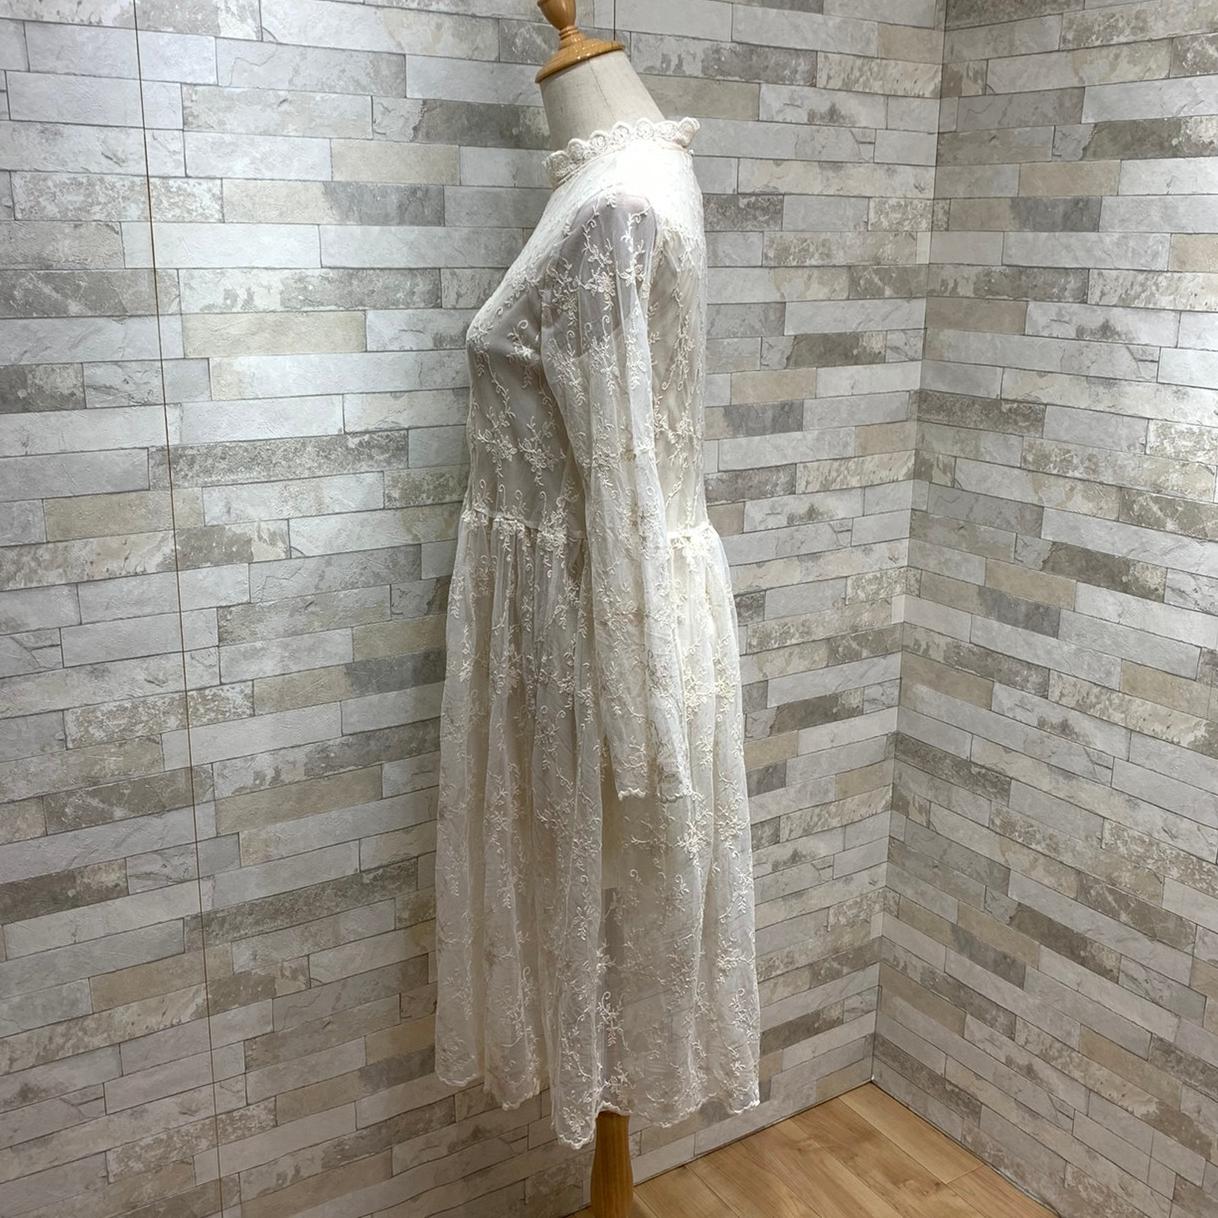 韓国 ファッション ワンピース 春 秋 冬 カジュアル PTXH464  オールレース イレギュラーヘム ゆったり オルチャン シンプル 定番 セレカジの写真18枚目